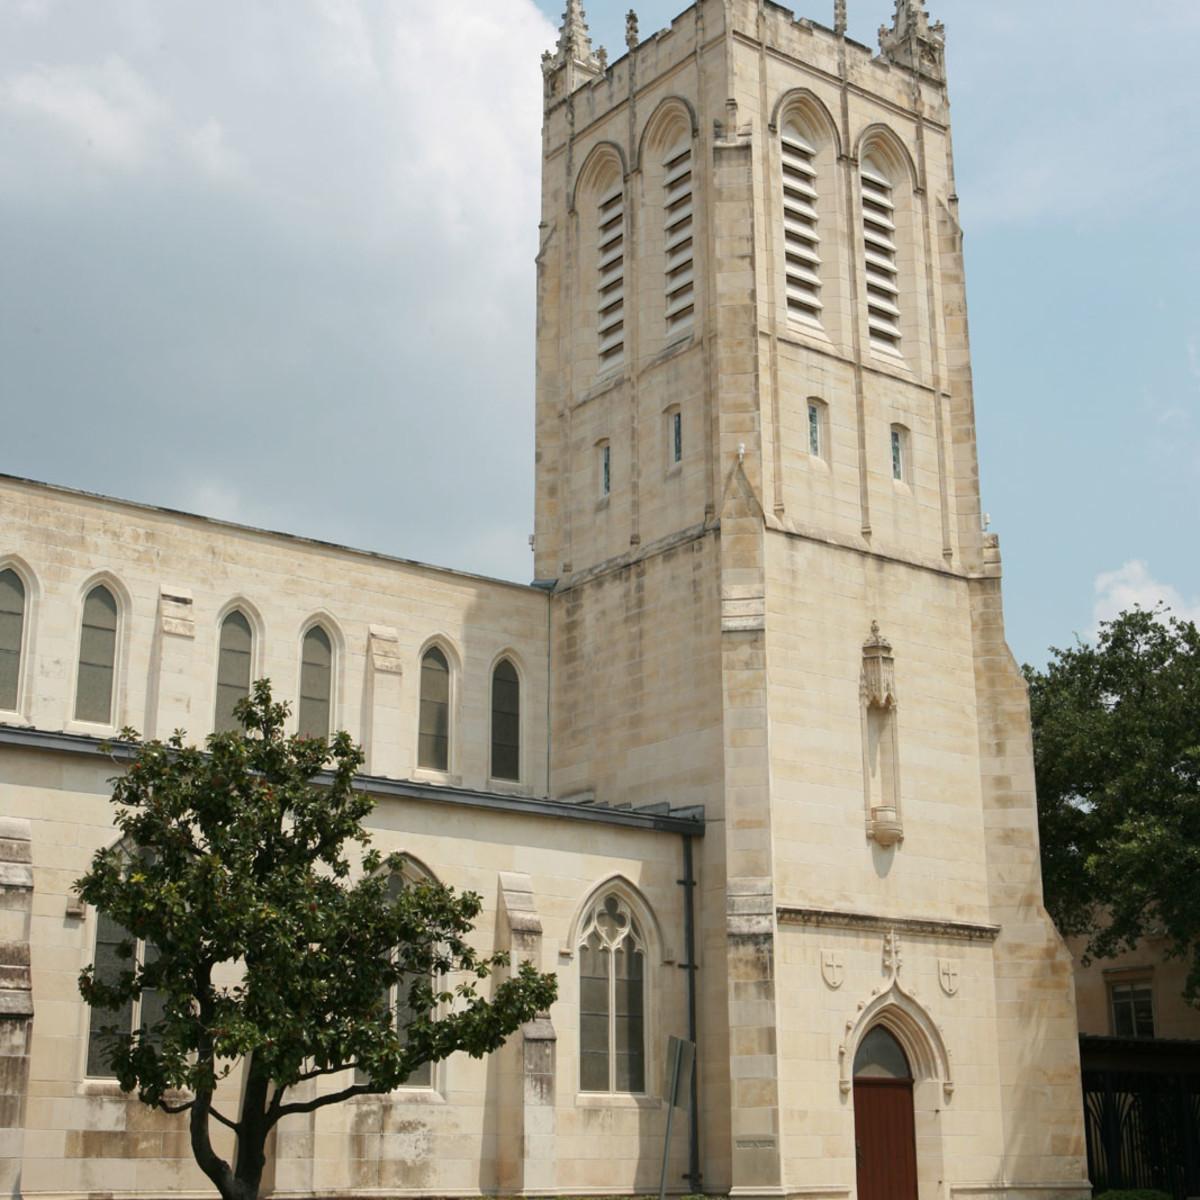 Places-Unique-Trinity Episcopal Church-exterior-1